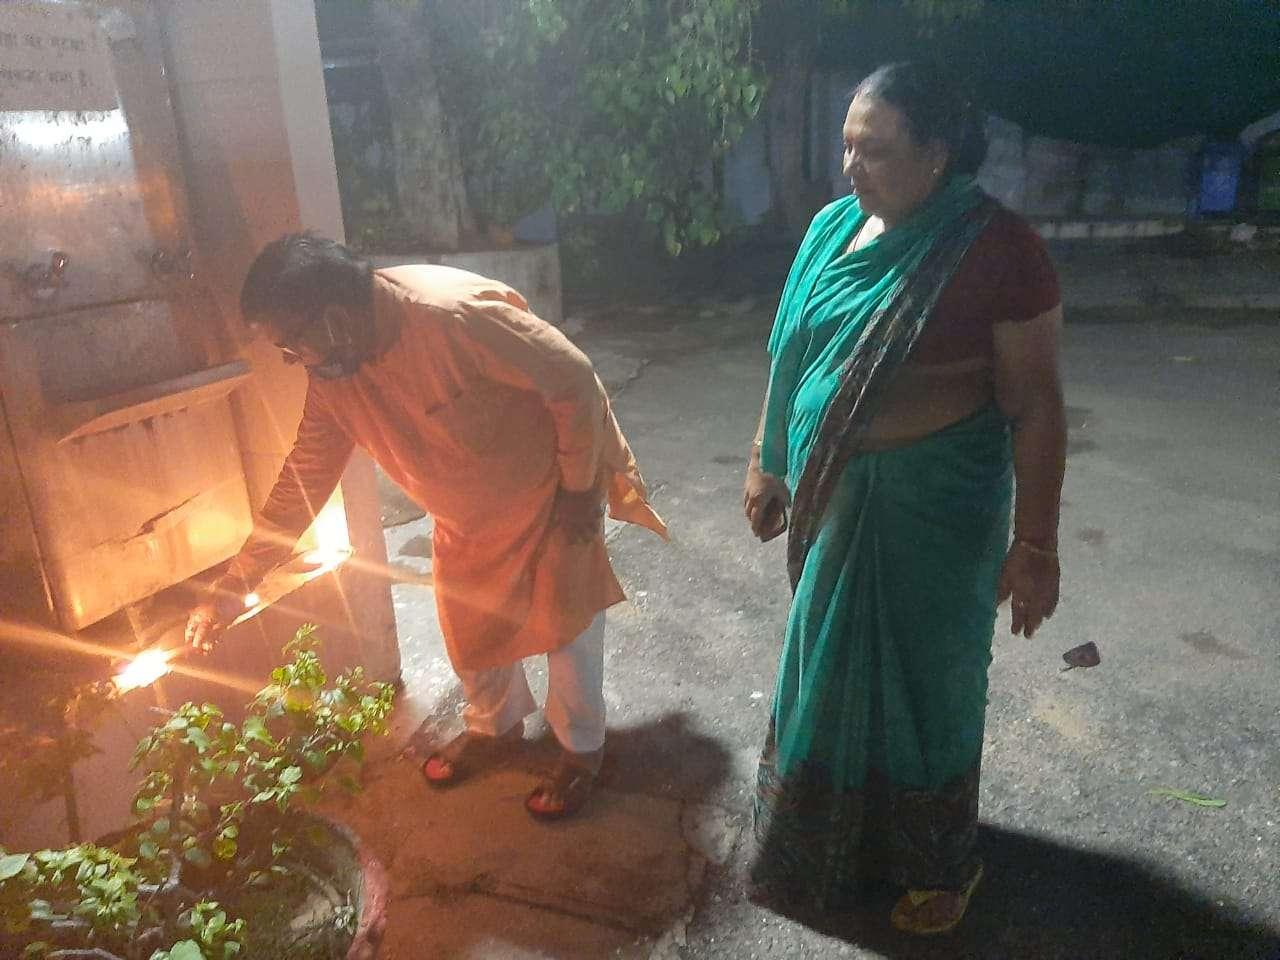 उदयपुर के विधायक व विस में नेता प्रतिपक्ष गुलाबचंद कटारिया जयपुर में आवास पर दीपक जलाते हुए।